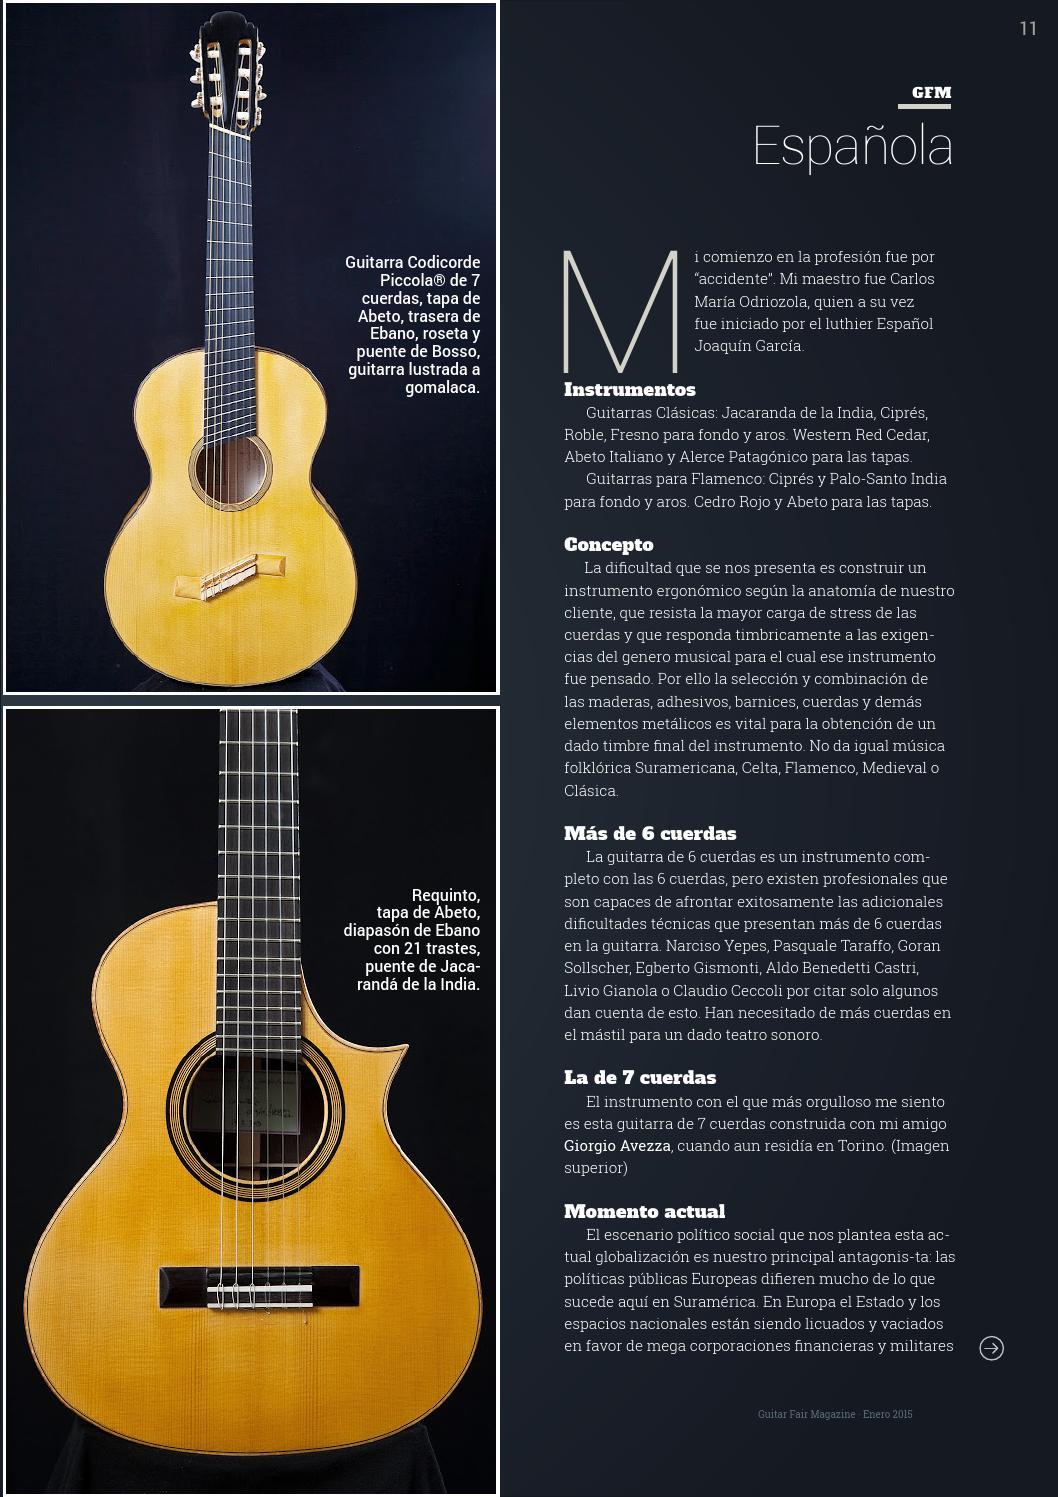 Guitar fair magazine n9 enero 2015 by Guitar Fair Magazine - issuu